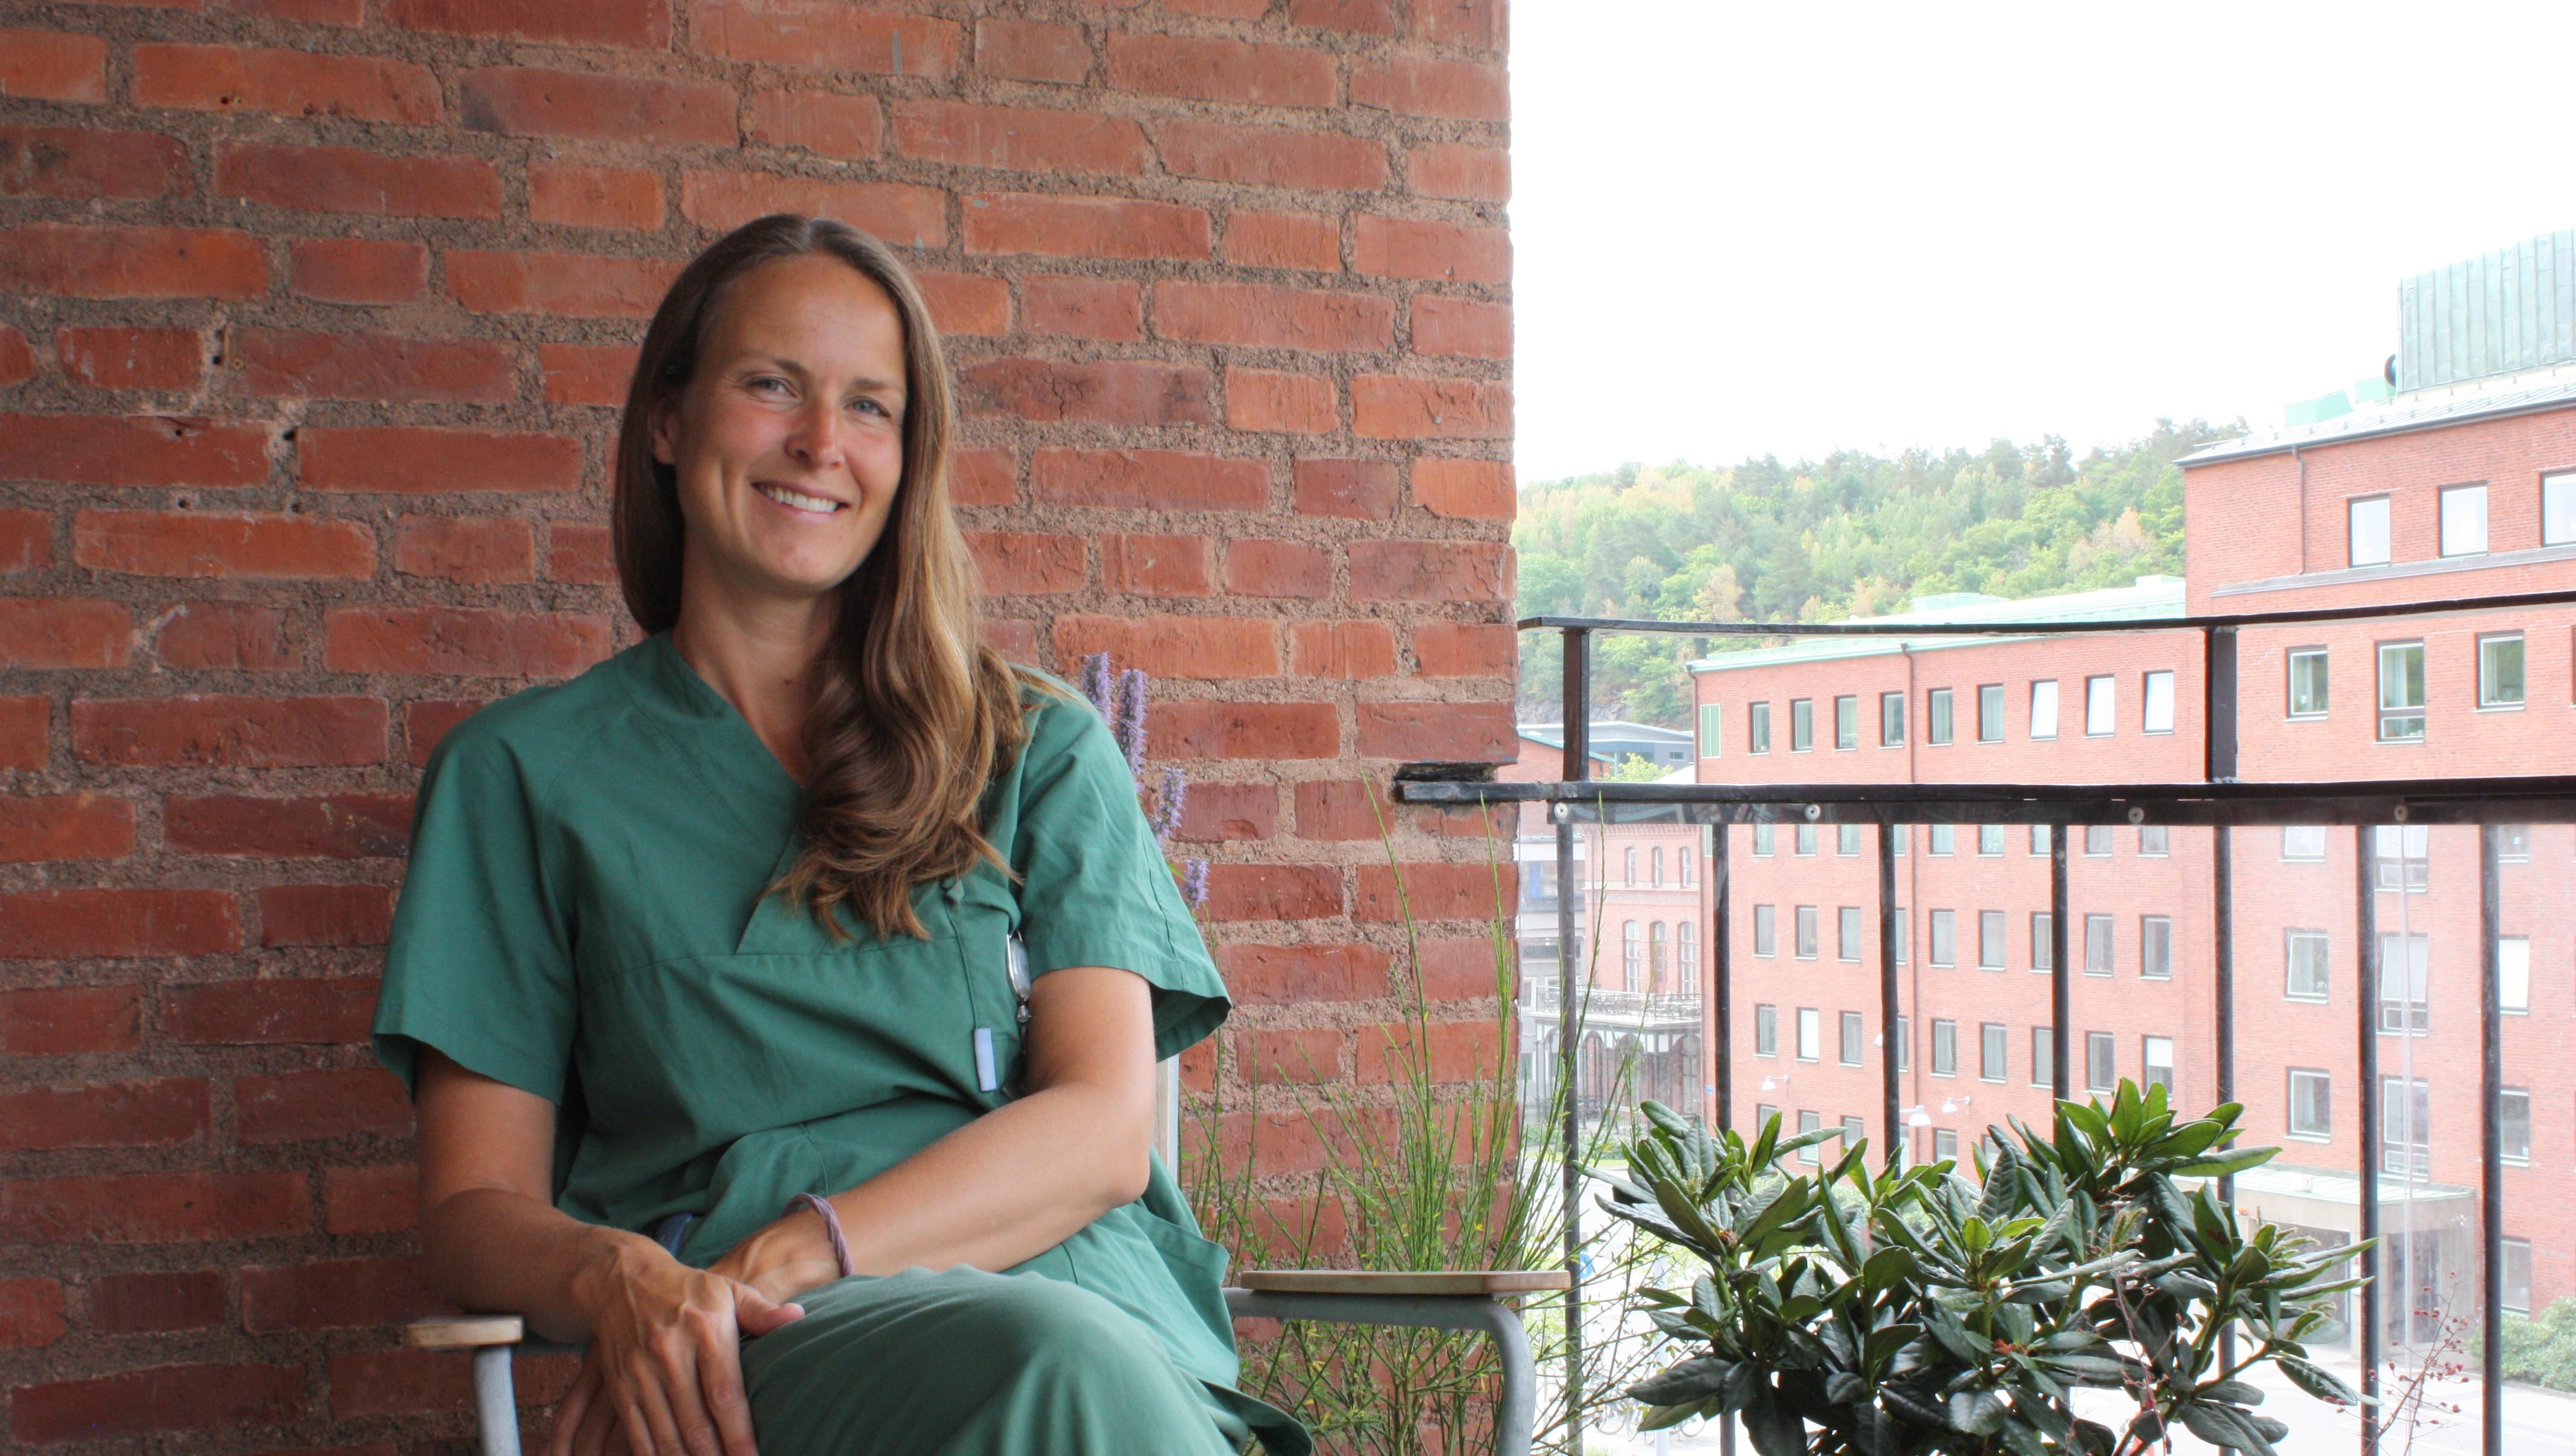 sabay massage mogen kvinna söker